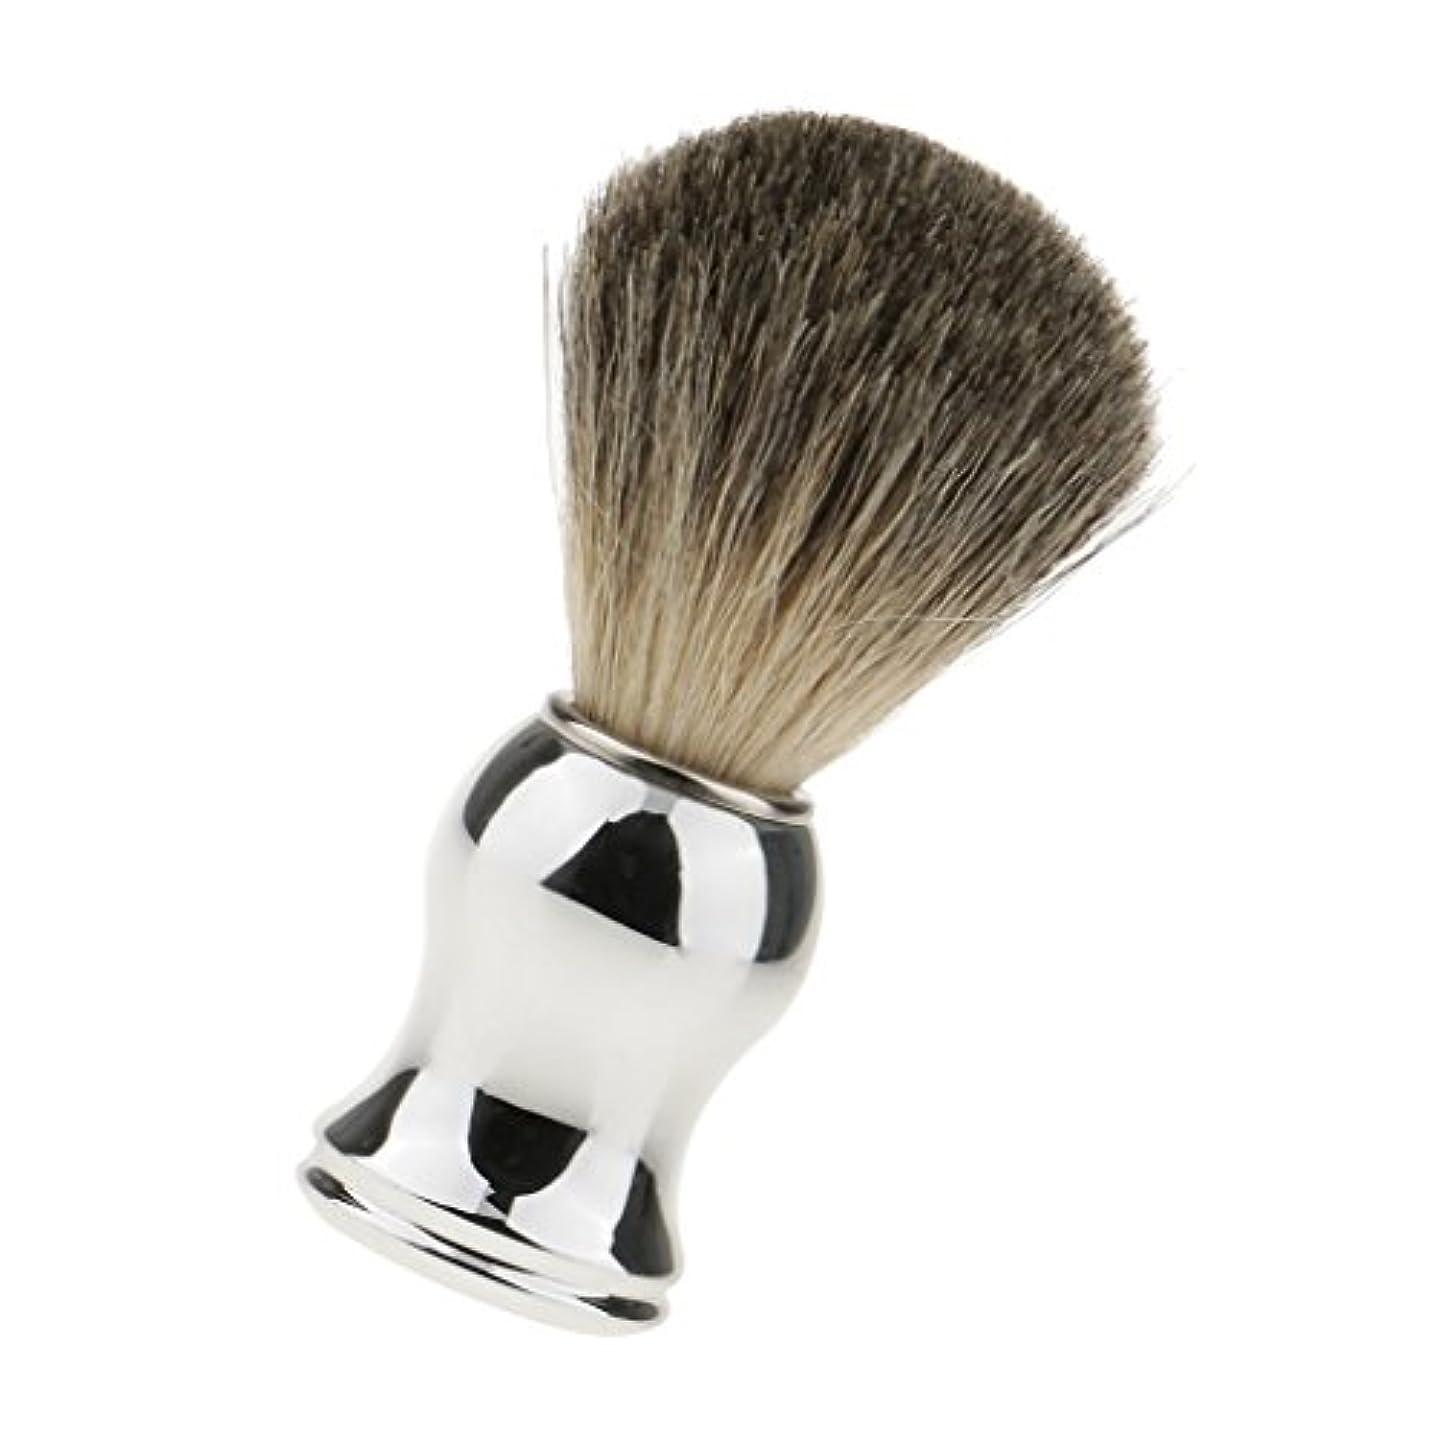 パス豊富分析するchiwanji シェービング用ブラシ 人工毛 メンズ 理容 洗顔 髭剃り 泡立ち 11.2cm 全2色 - シルバーハンドル